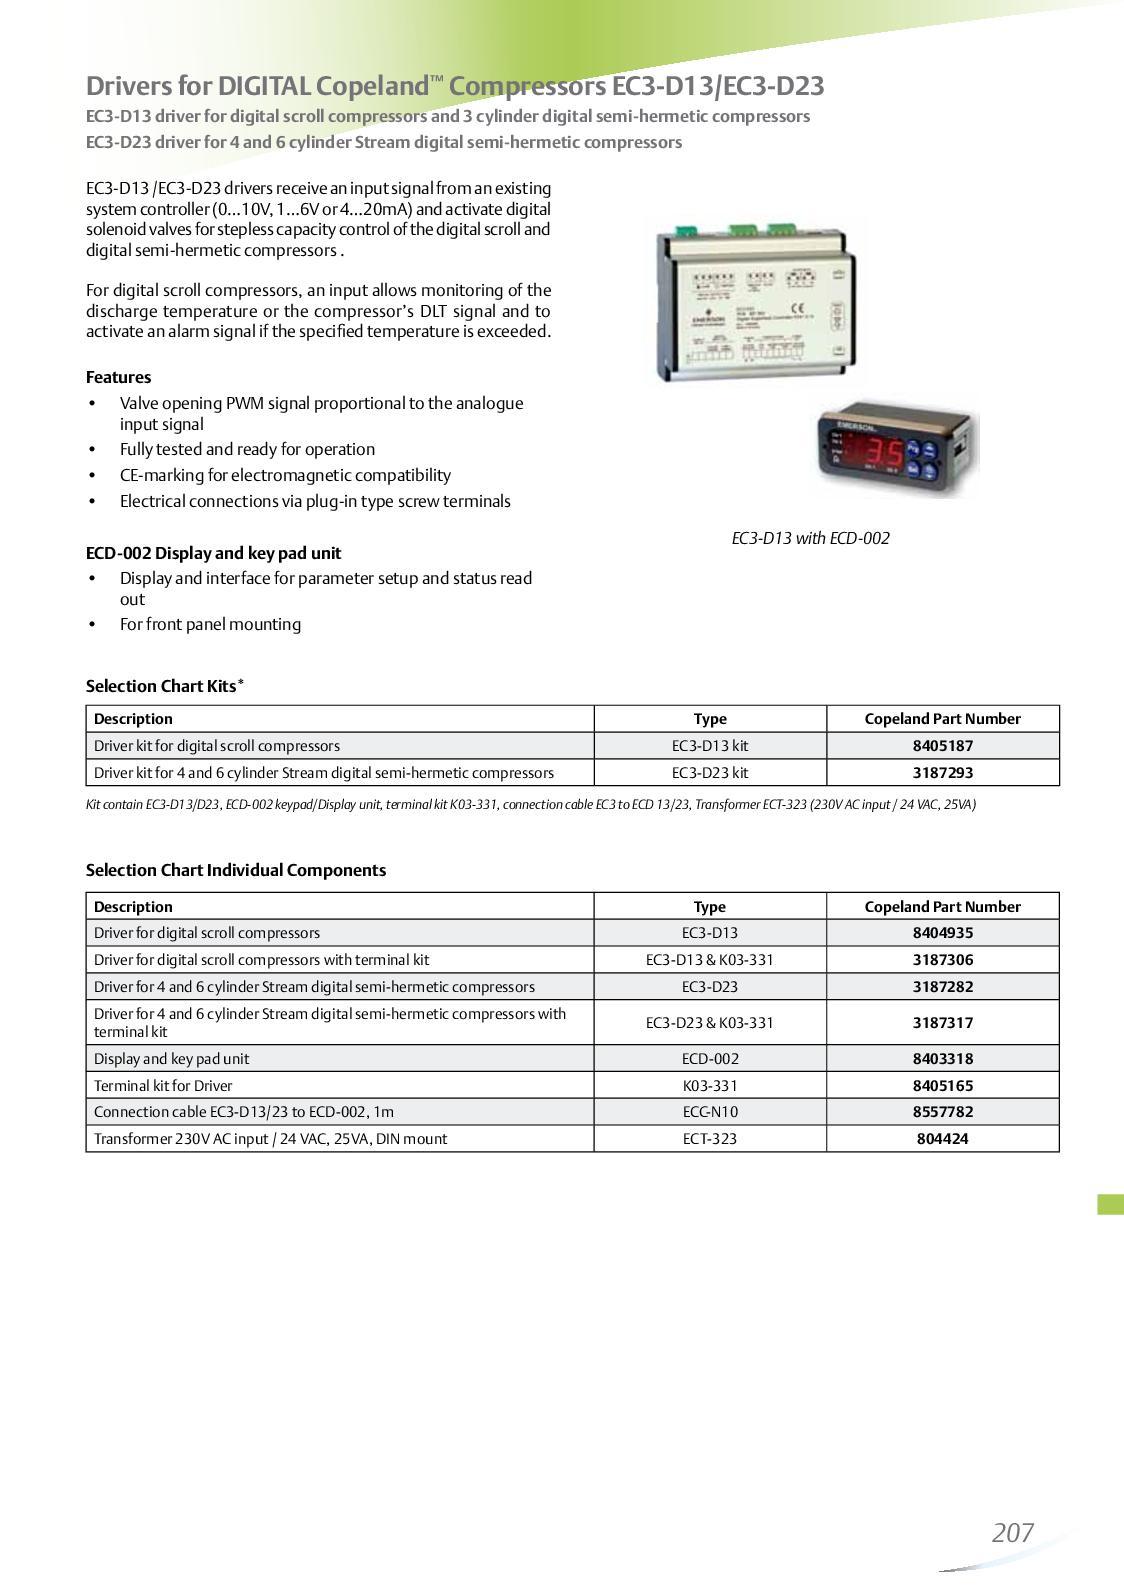 Calaméo - Drivers For DIGITAL Copeland™-Compressors EC3 D13